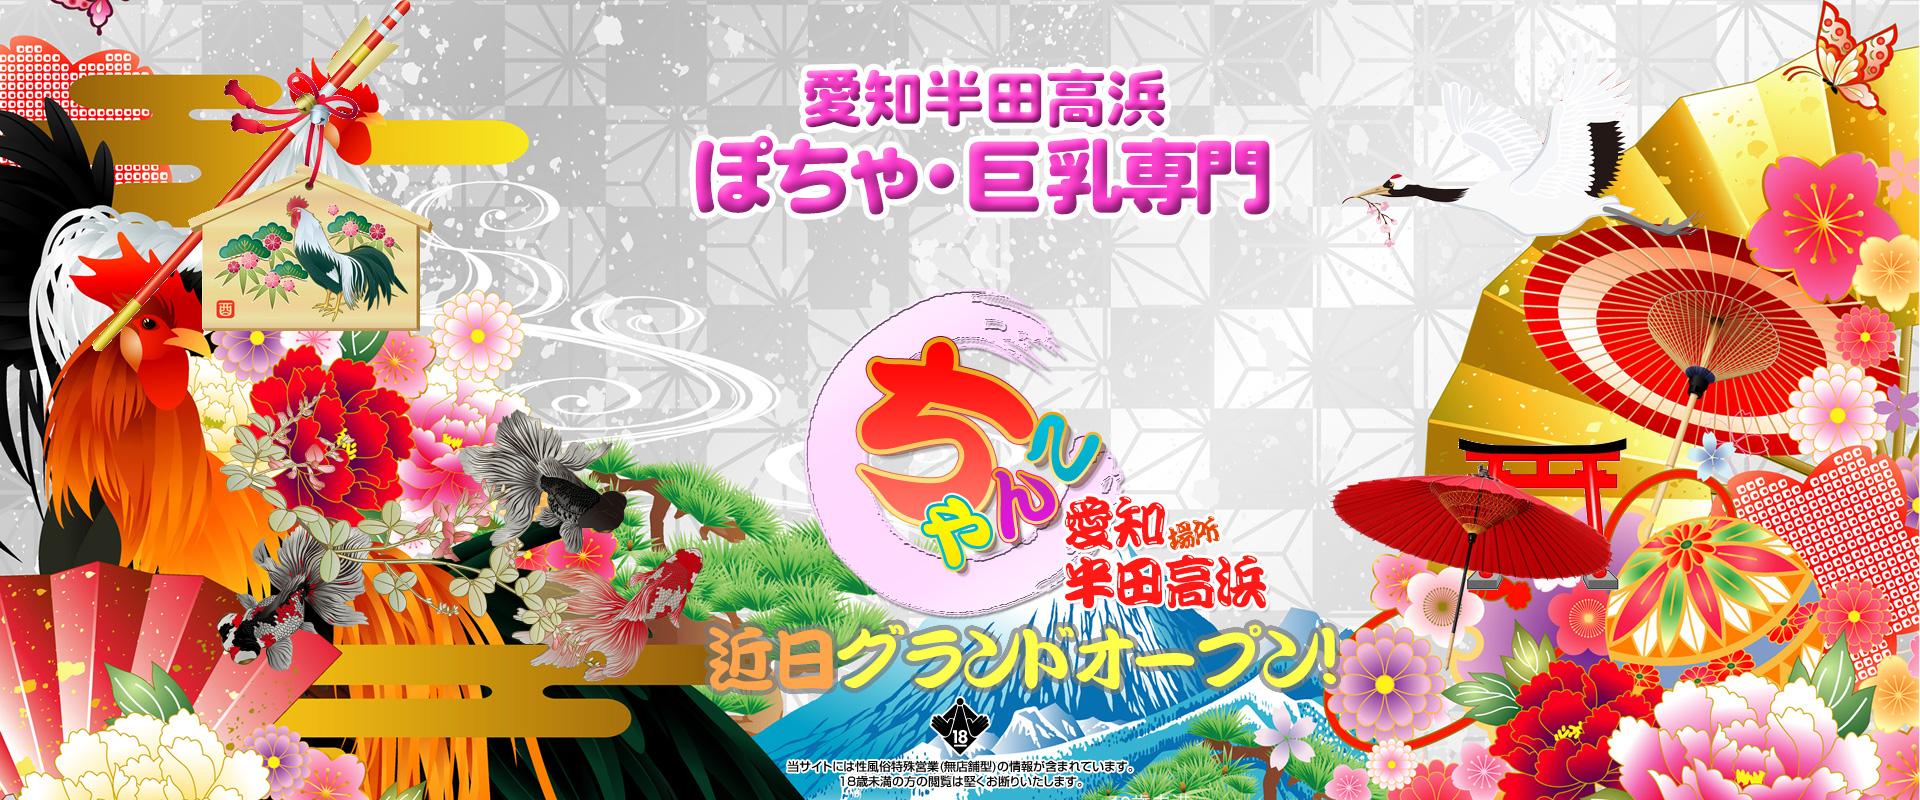 【愛知ちゃんこ愛知半田高浜】はぽっちゃり風俗専門のデリバリーヘルス(デリヘル)です。